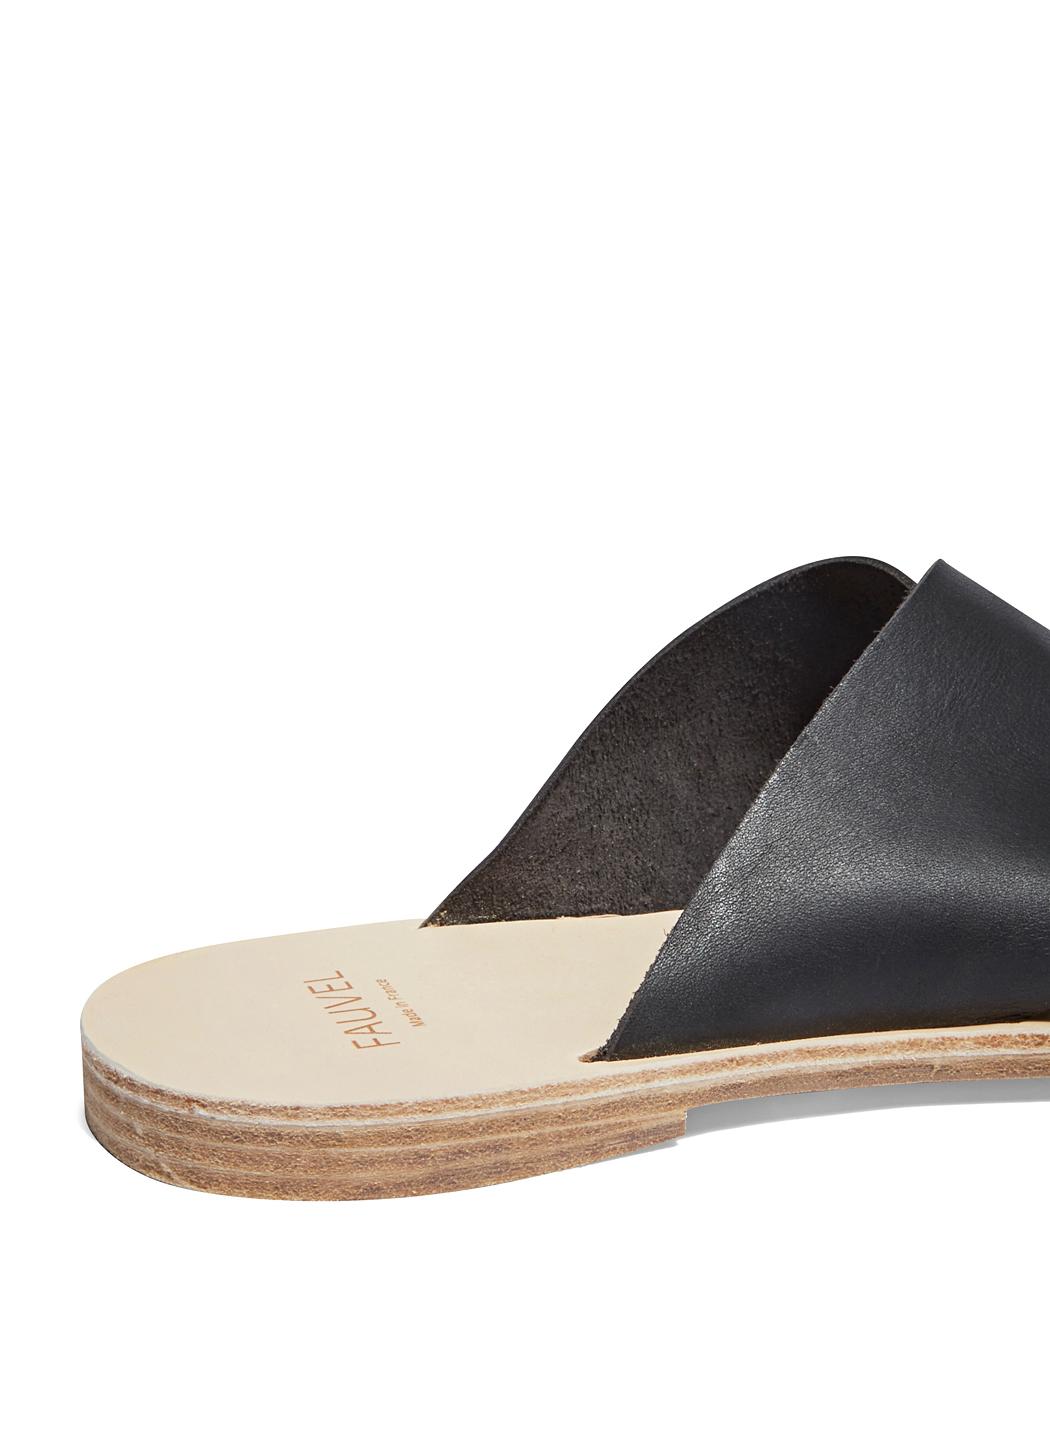 597558283599 Lyst - Fauvel Men s Cross Slip-on Leather Sandals In Black in Black for Men